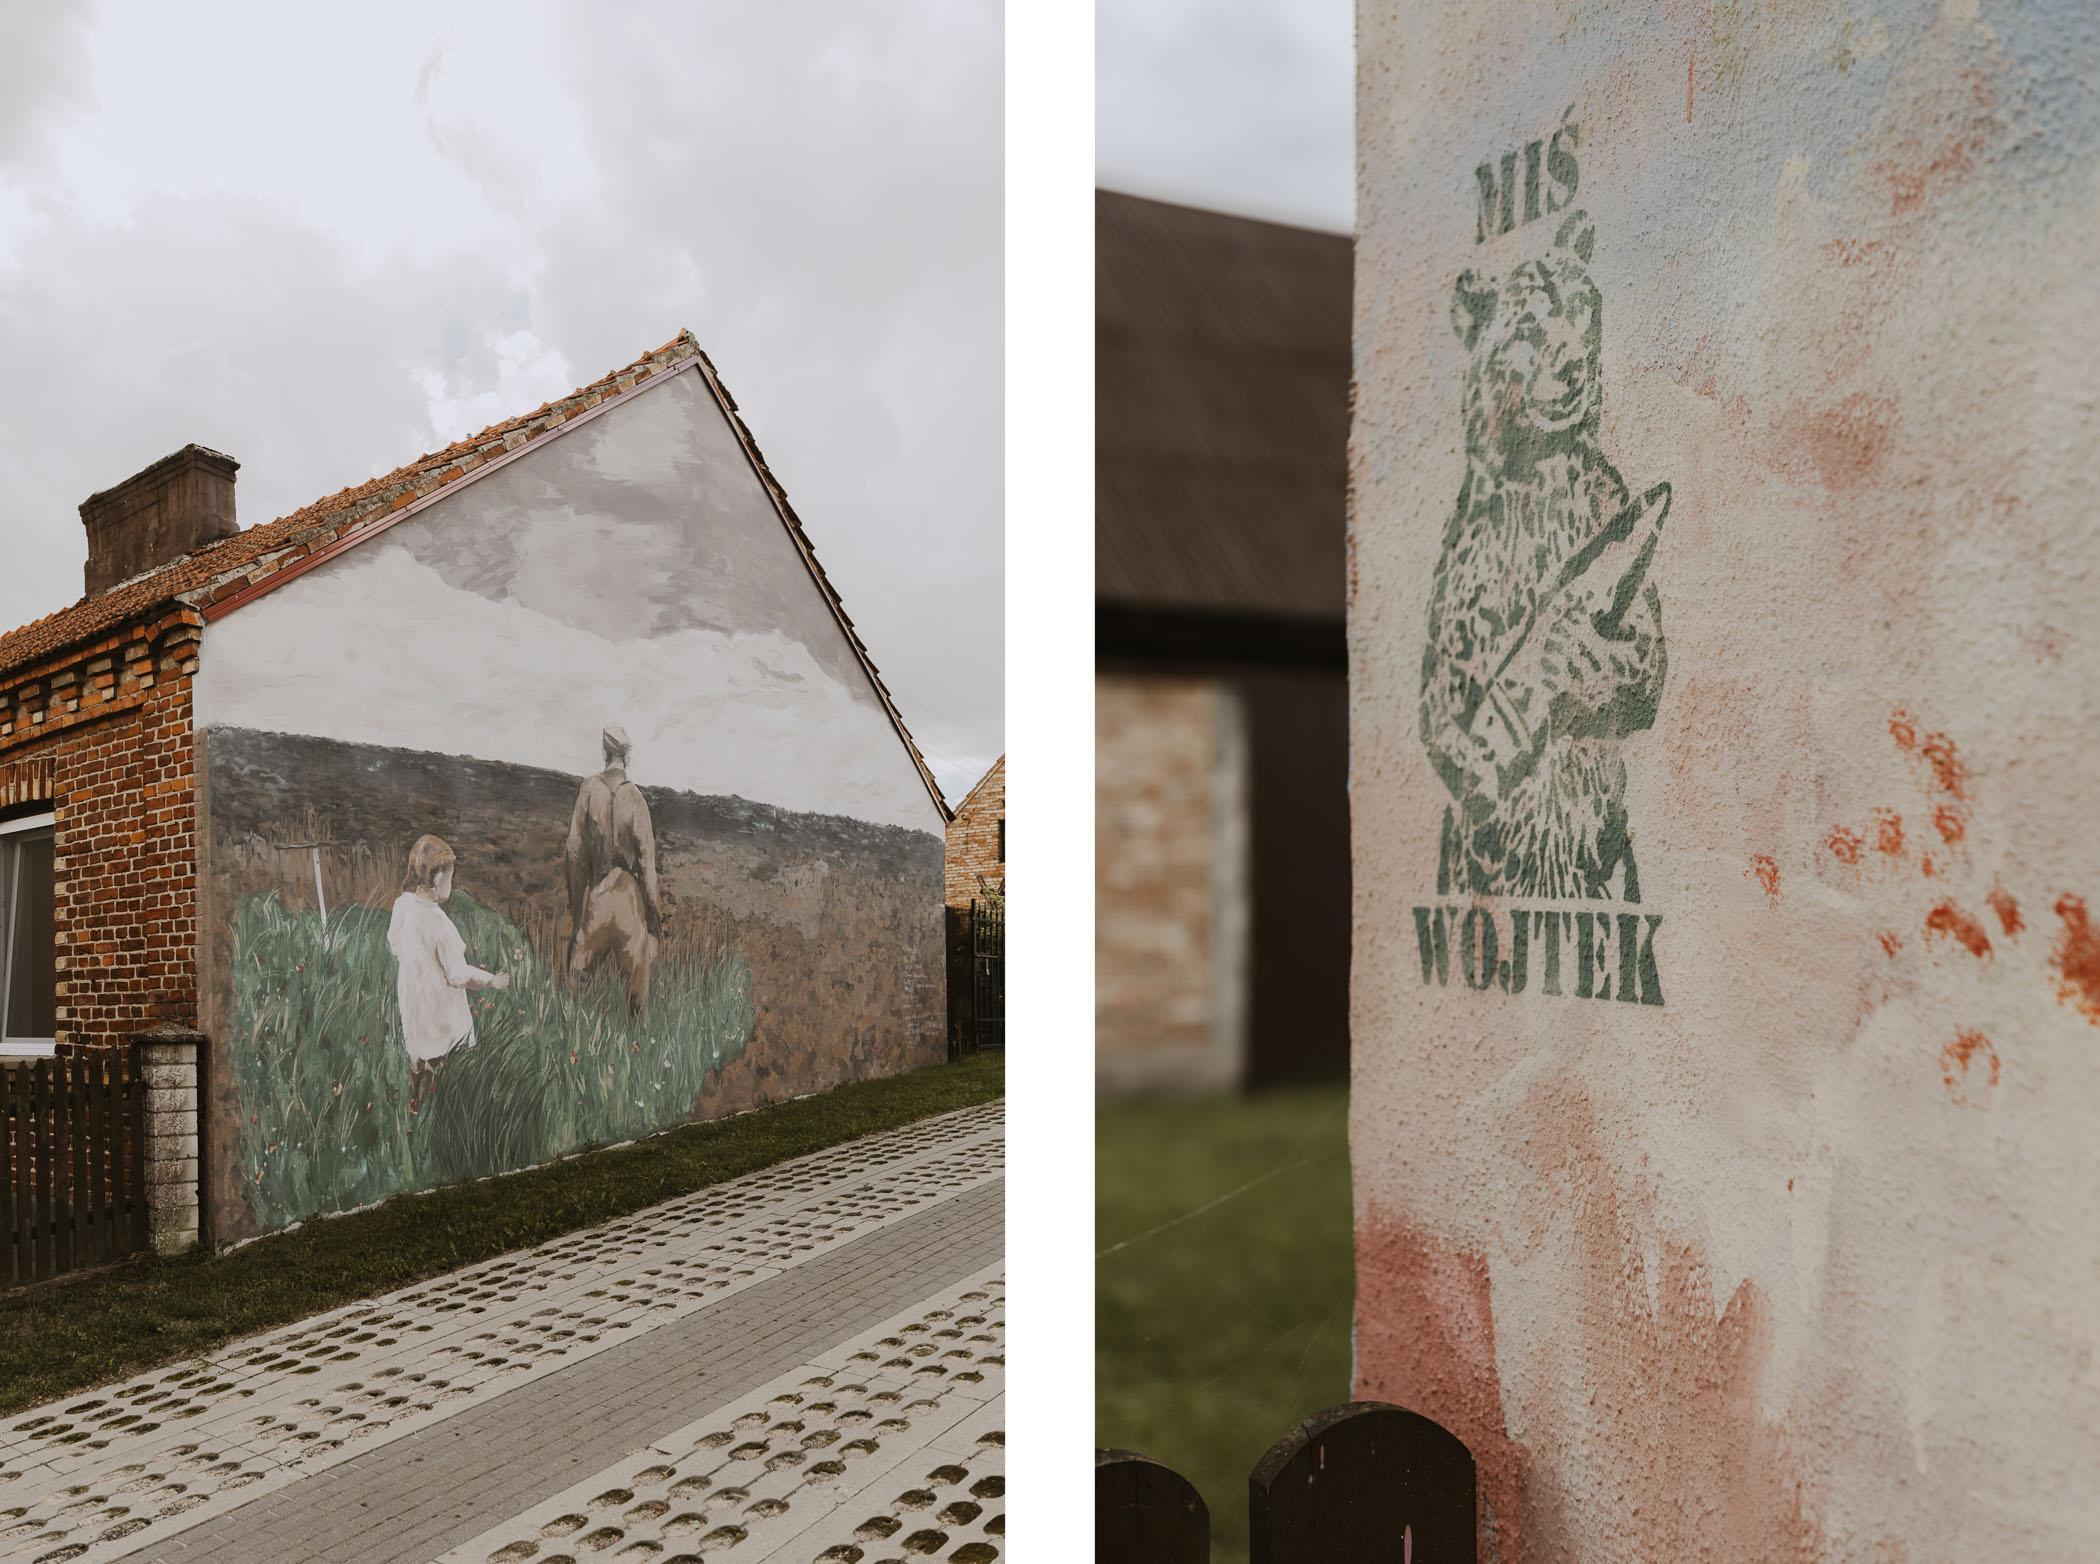 Malownicze wsie wPolsce. - Wizna